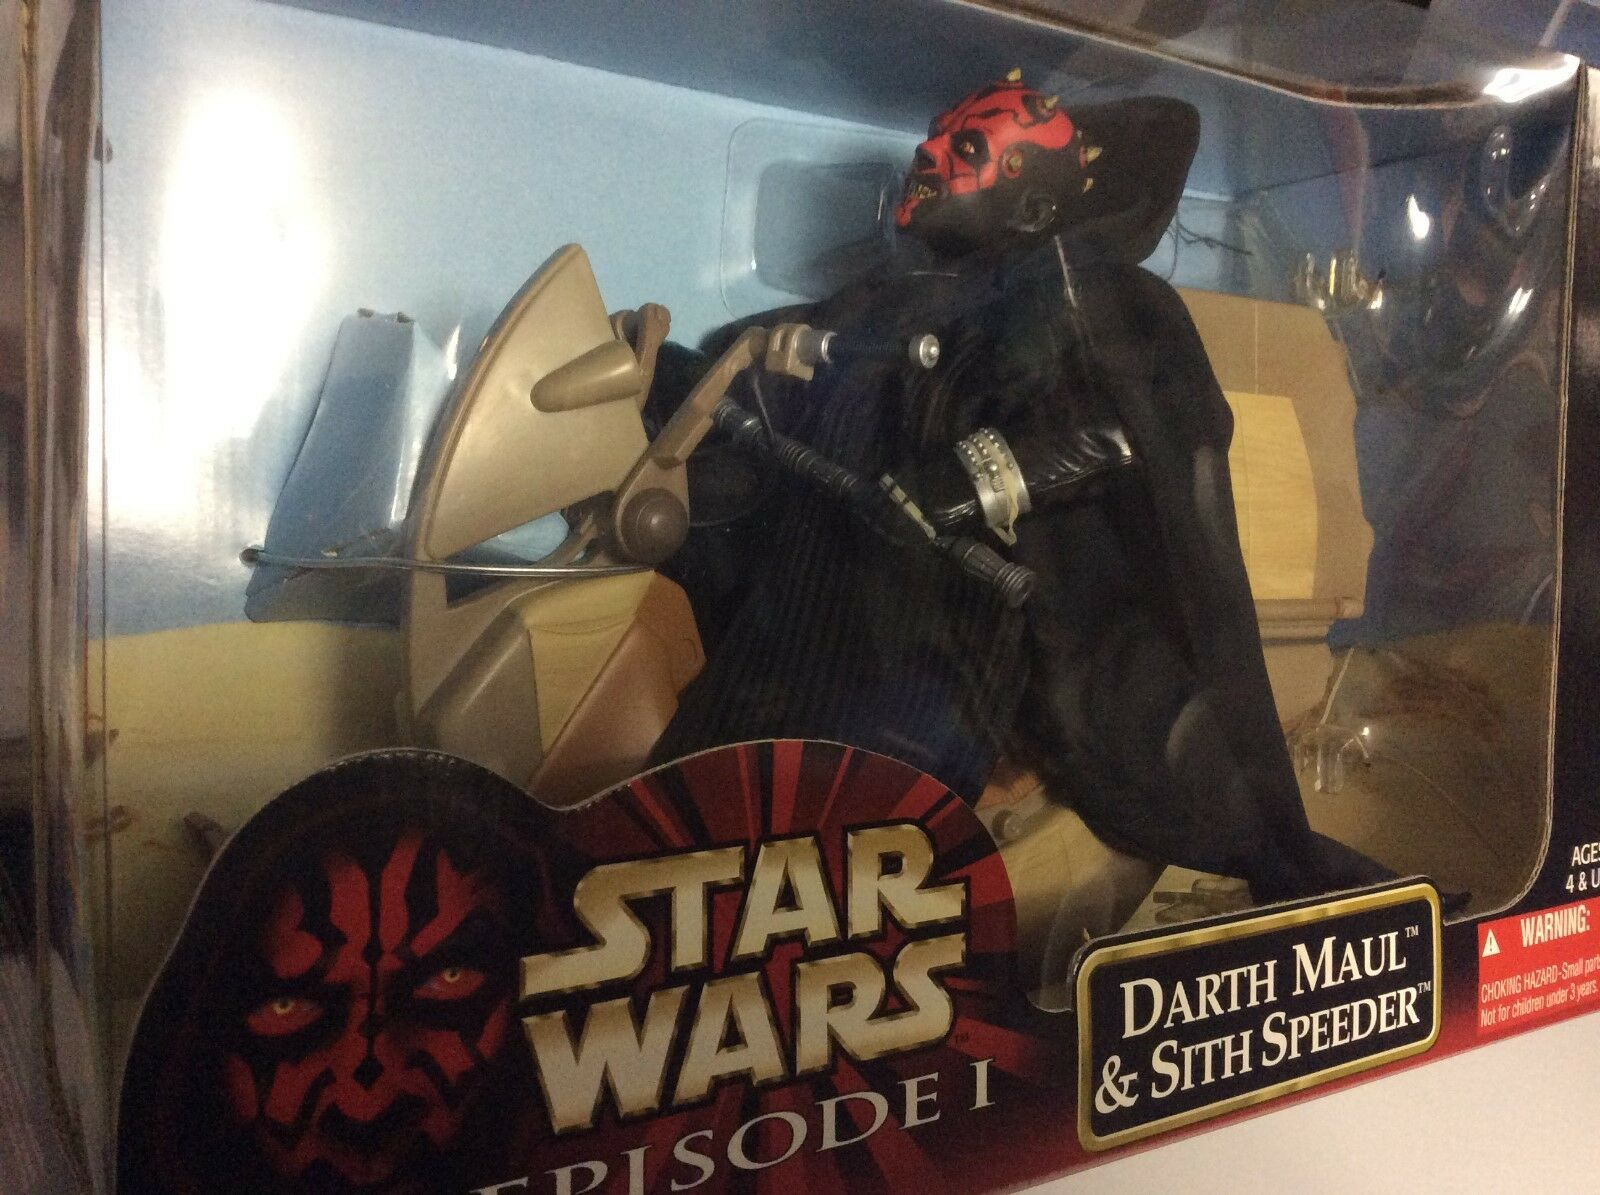 12  Estrella Wars Darth Maul & Sith Speeder - 1999 producto Exclusivo De Walmart